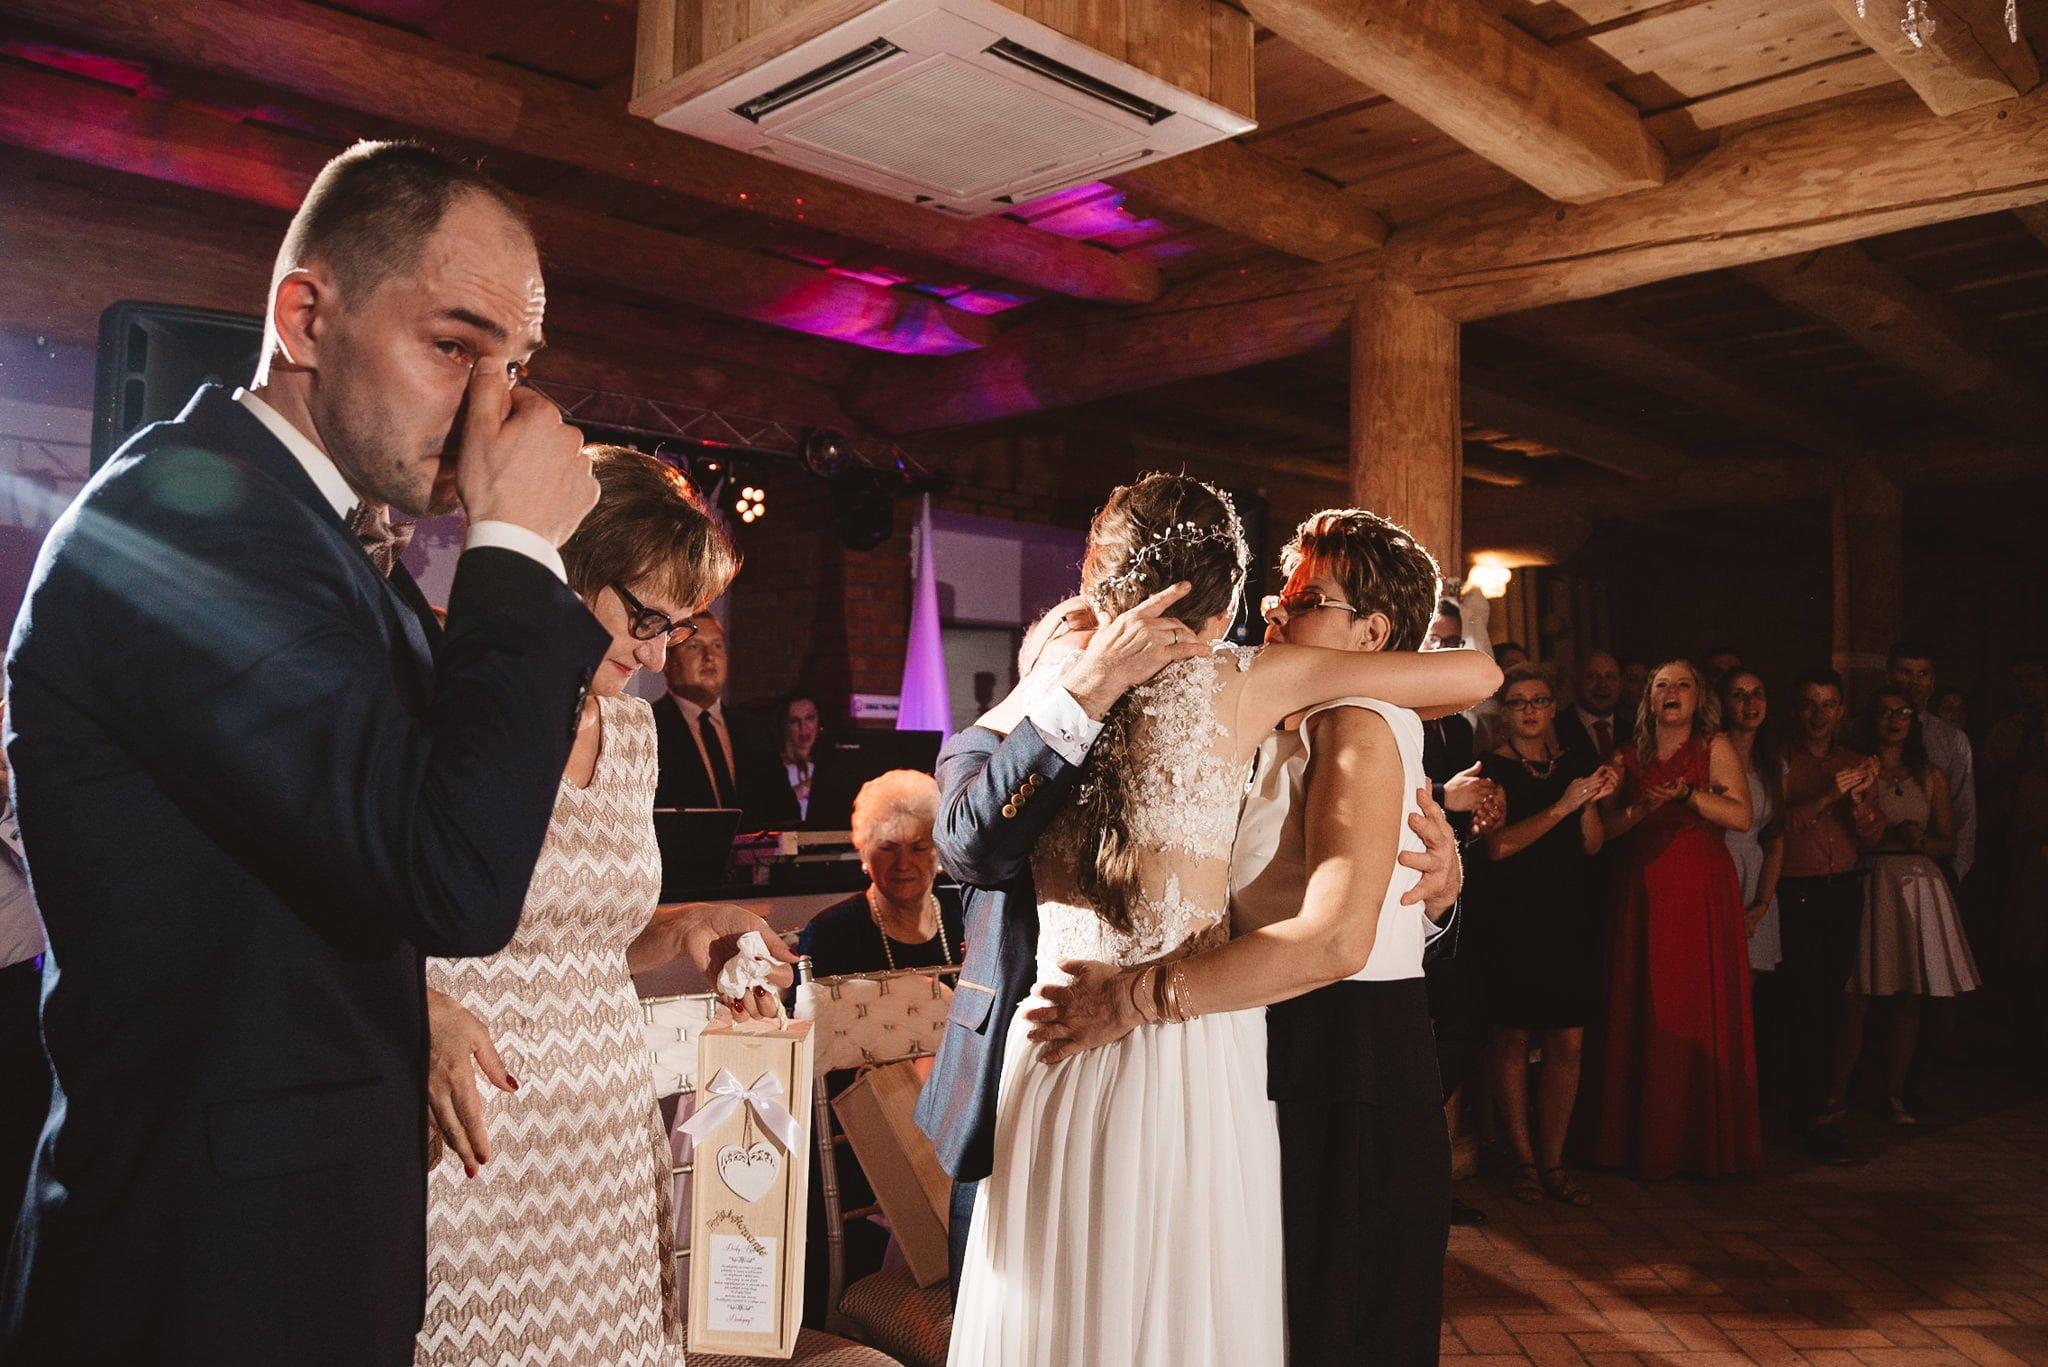 Ala i Arek, czyli jak zorganizować ślub i wesele w 4 tygodnie! 326